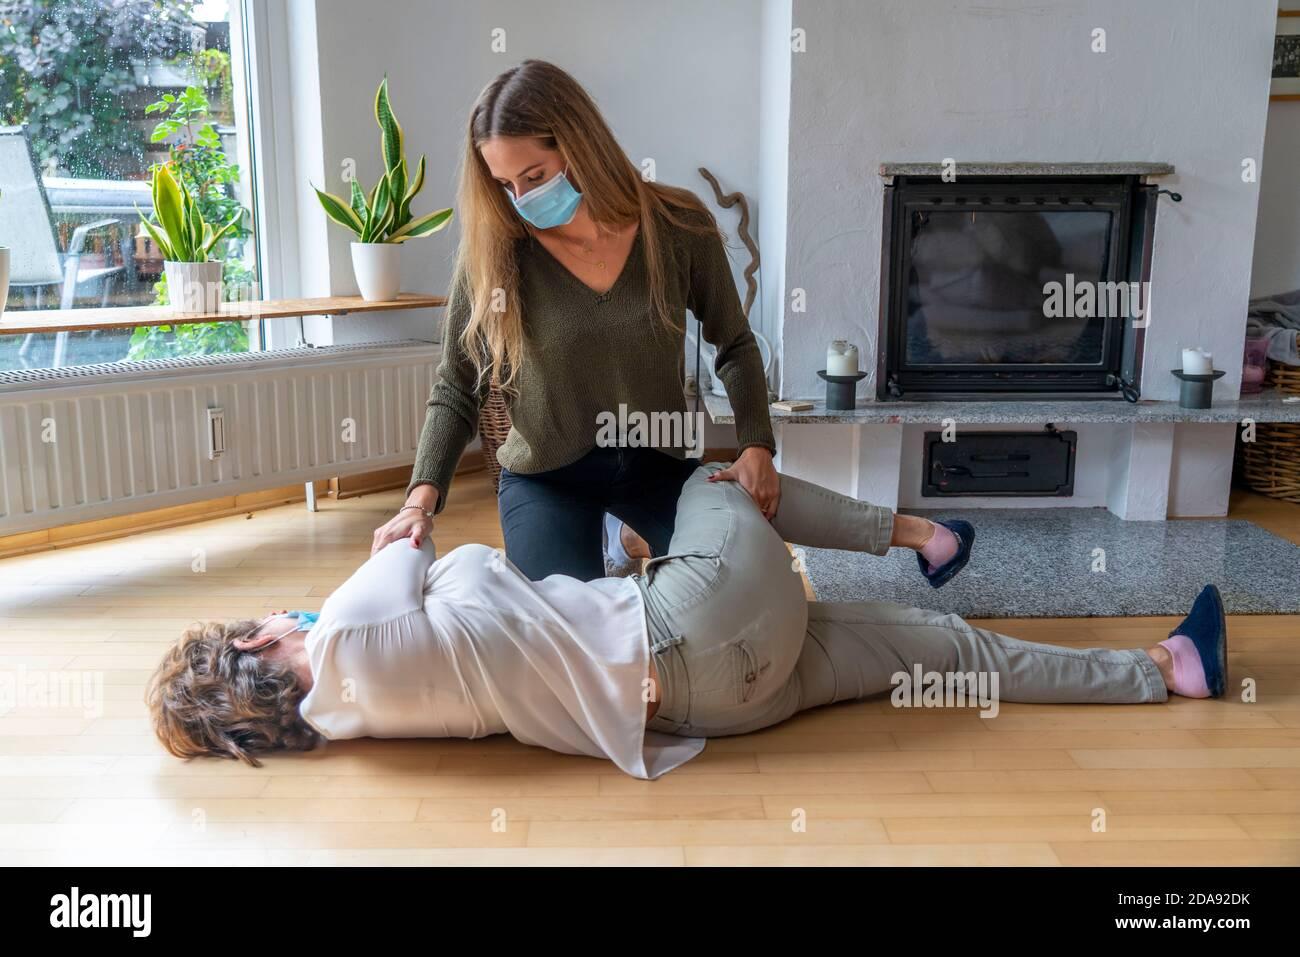 Erste Hilfe Massnahmen unter Corona-Bedingungen, Stabile Seitenlage, nach einem Unfall im der Wohnung, mit Mund-Nase-Maske, beim ErsteHilfe Leistende Banque D'Images